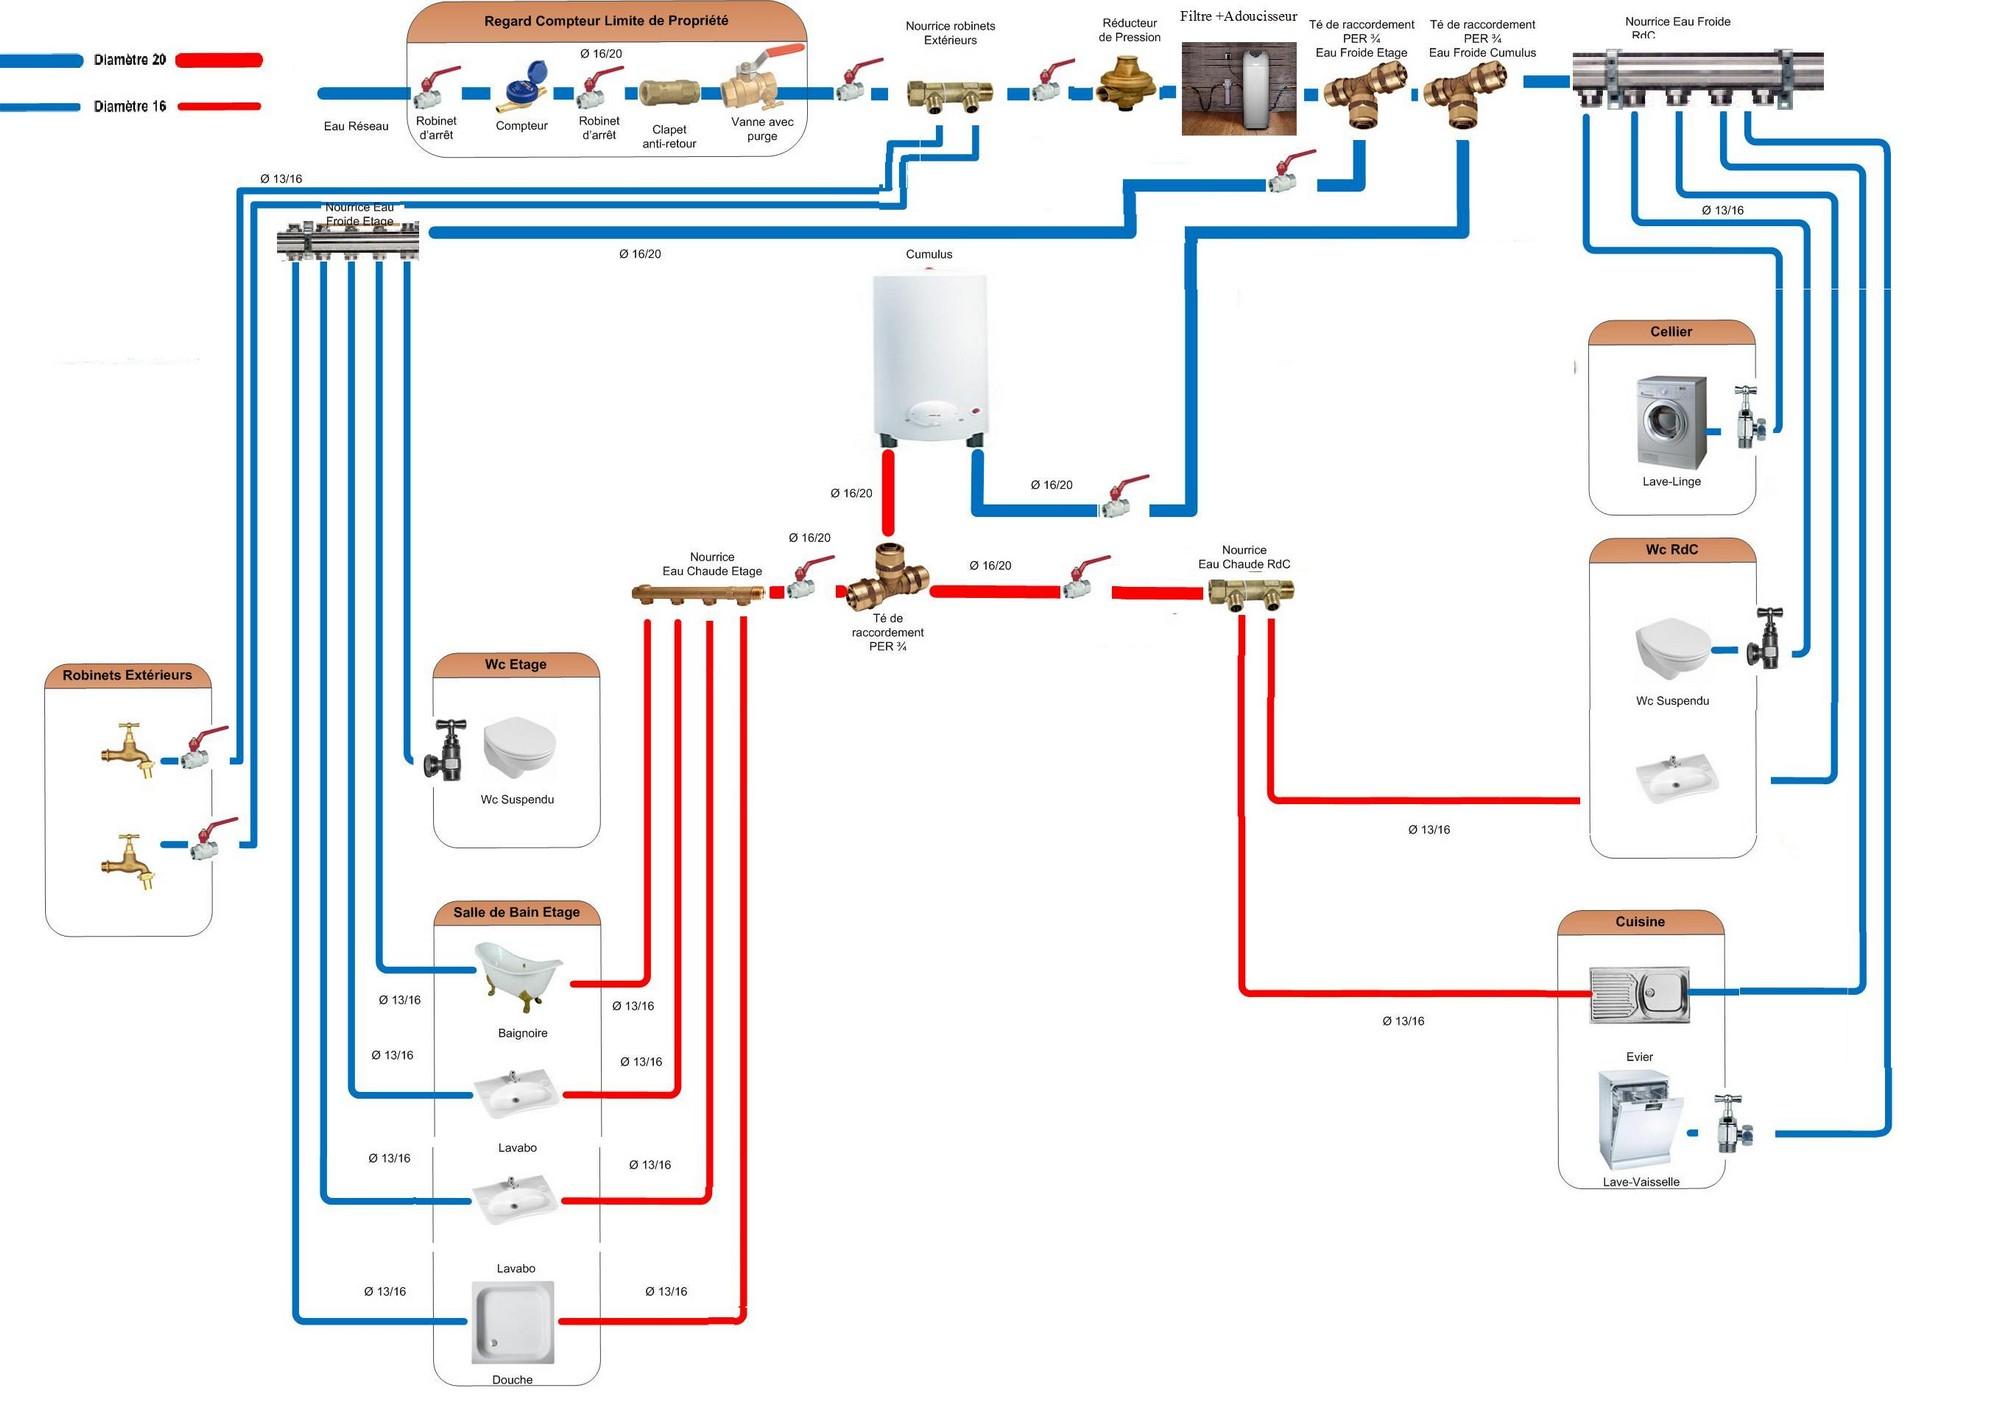 https://plombiers-reunis.com/Host/medias_2012/1328548085-scheema-de-olive.jpg